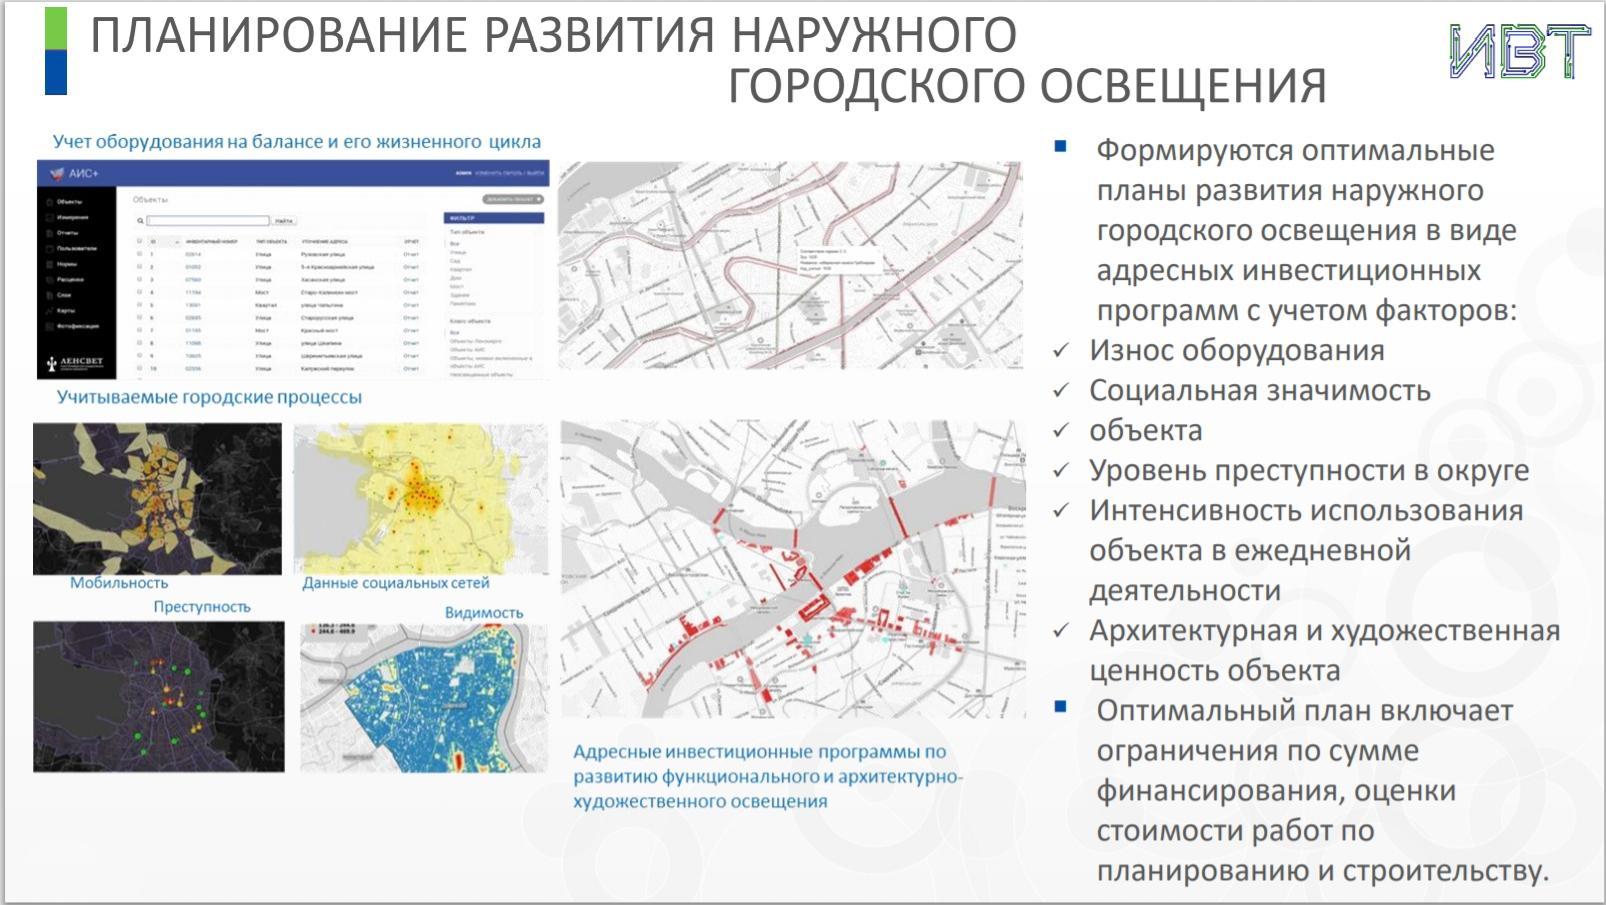 Системы управления городским освещением